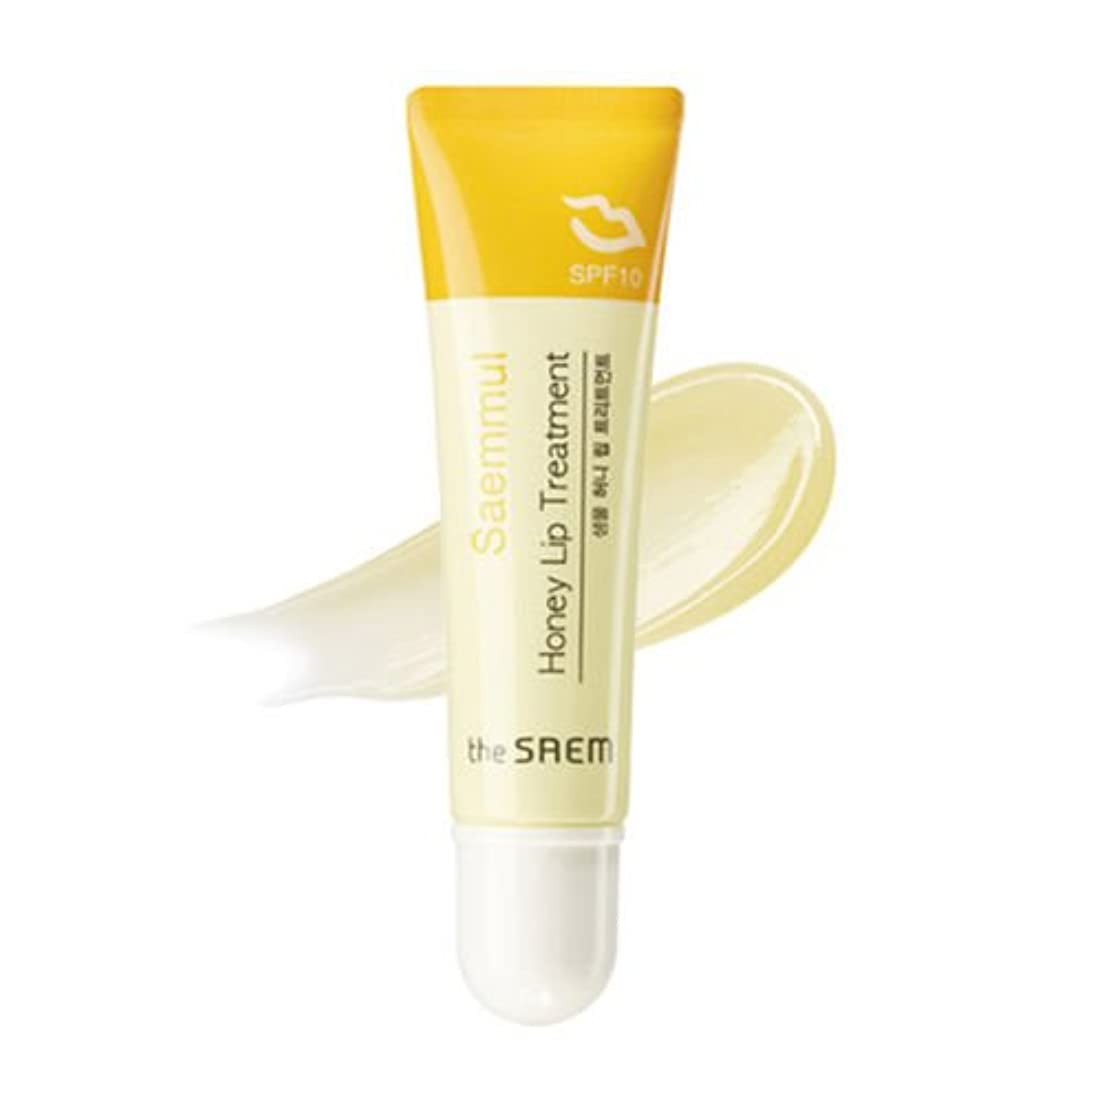 もう一度カスタムおばさんthe SAEM ザセム セムムル ハニー リップ トリートメント Saemmul Honey Lip Treatment 10ml 韓国コスメ